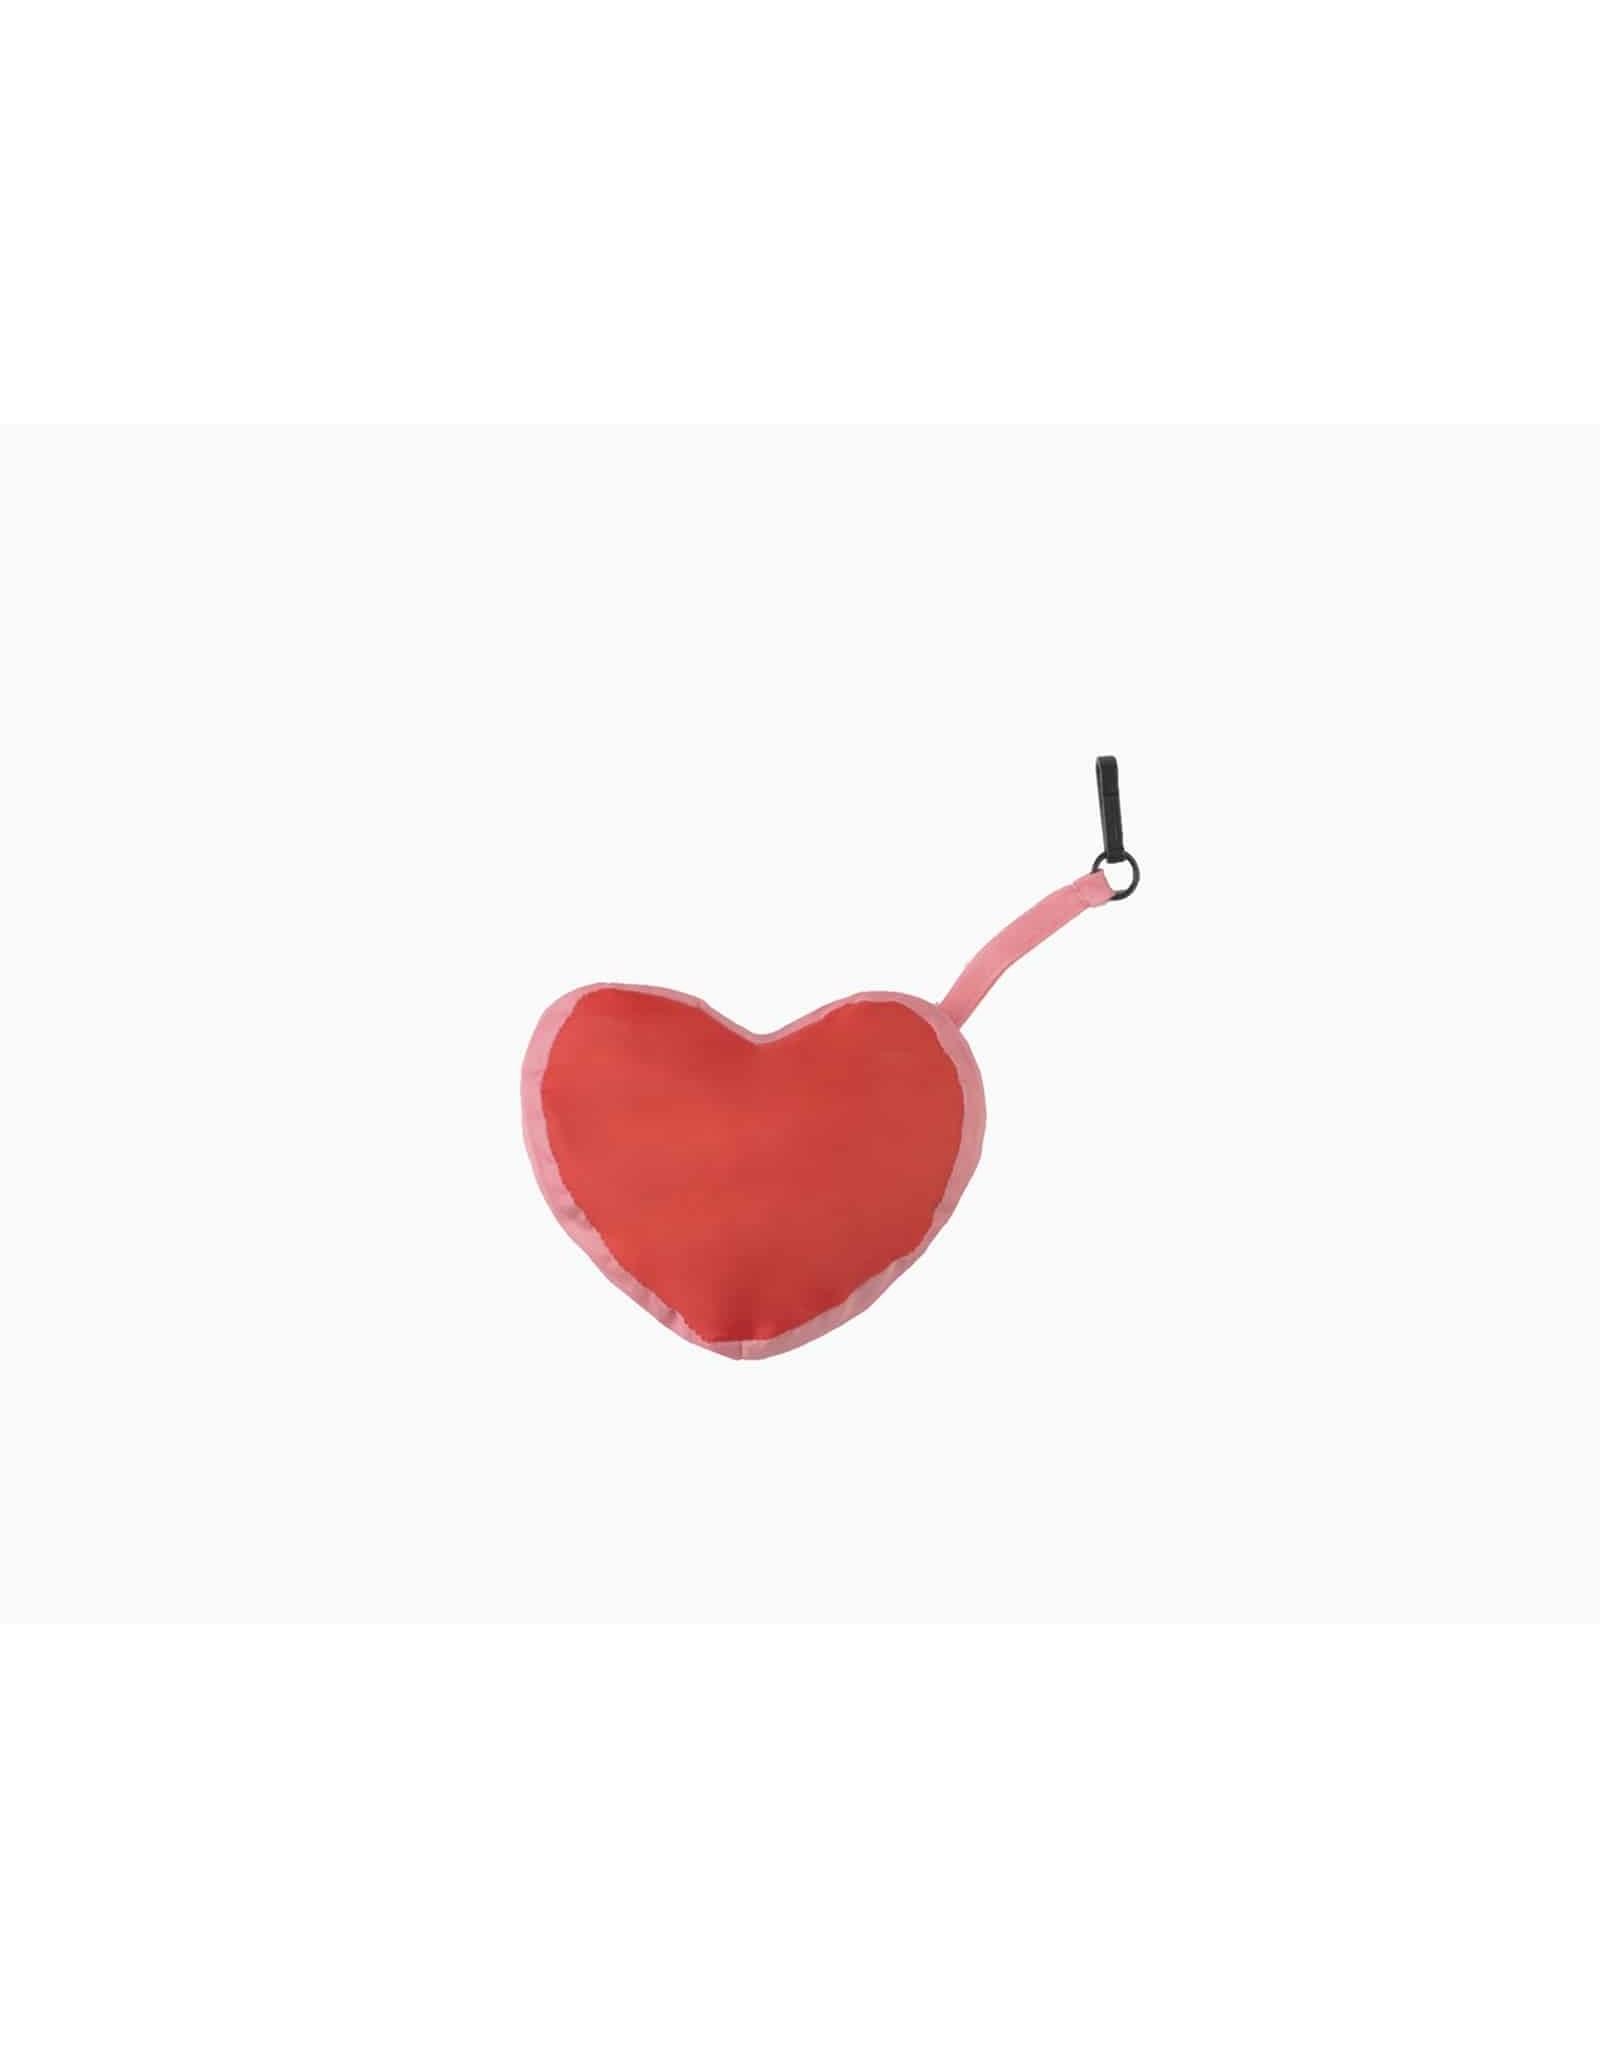 Doiy Go Green - Heart